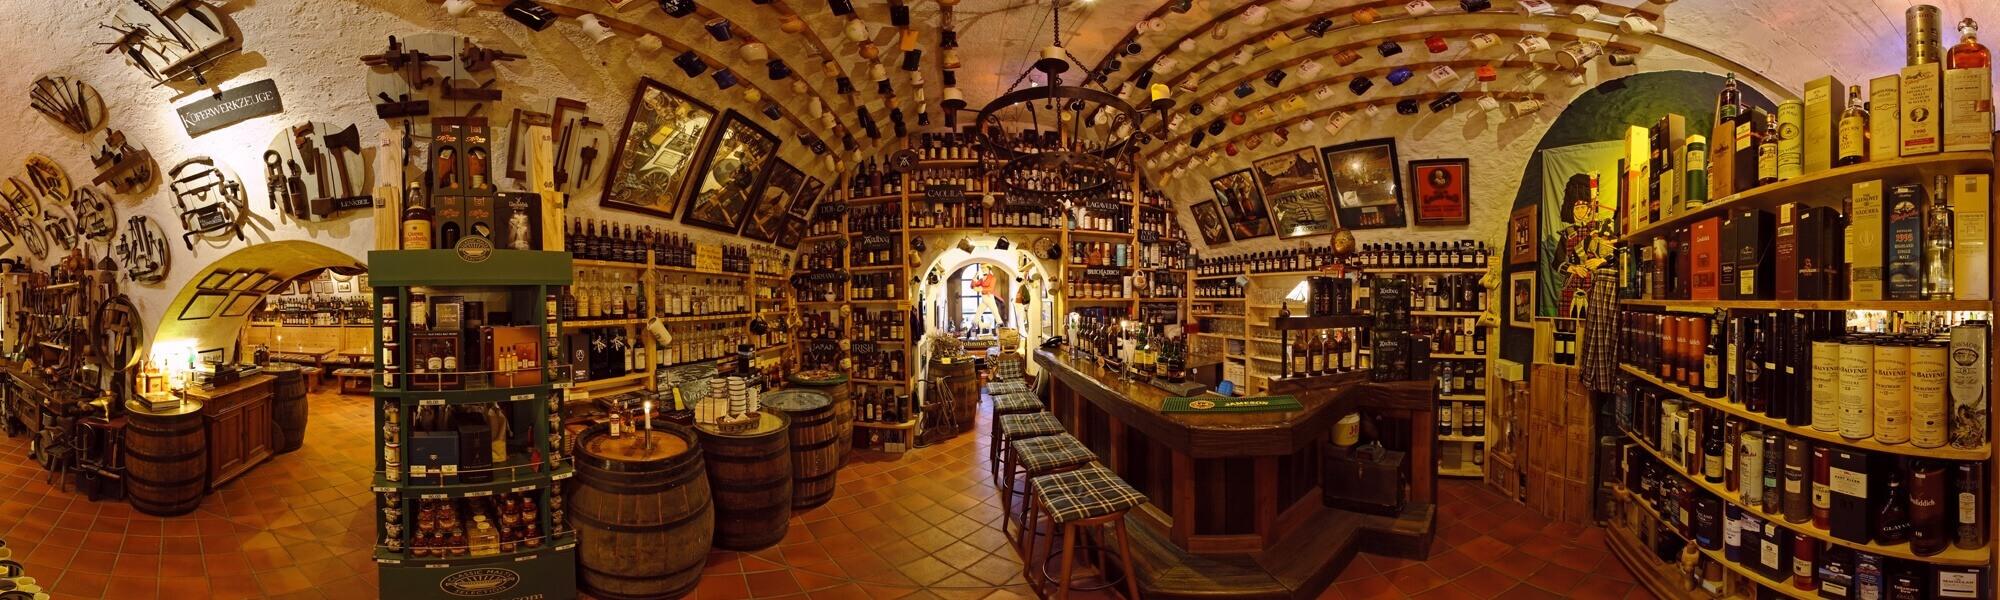 Whisky museum & proeverij Kyrburg